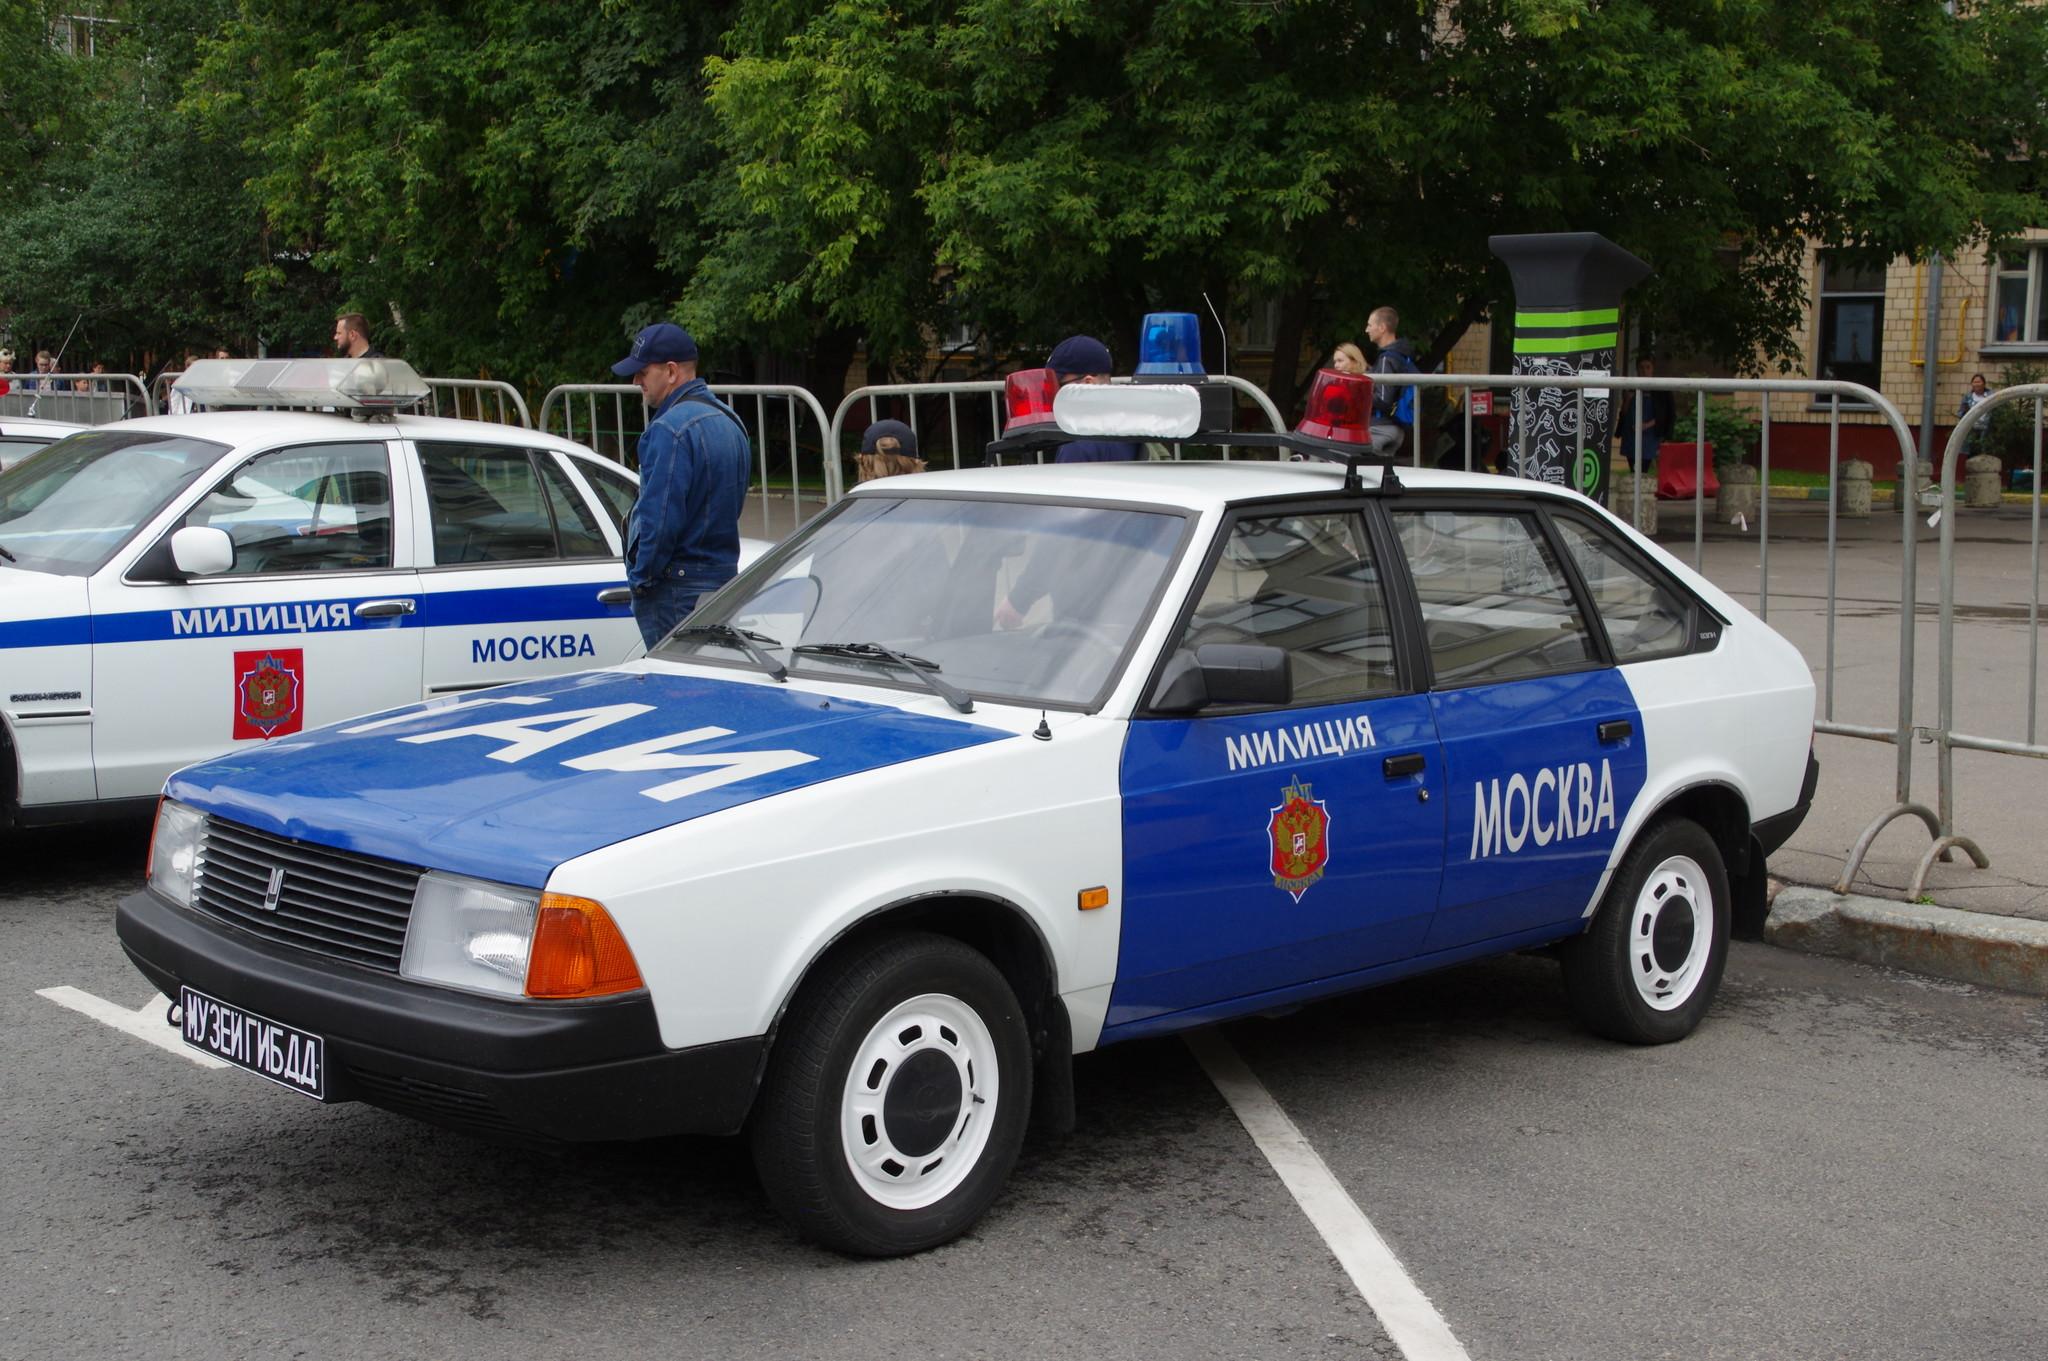 Автомобиль «Москвич-2141S» московской милиции